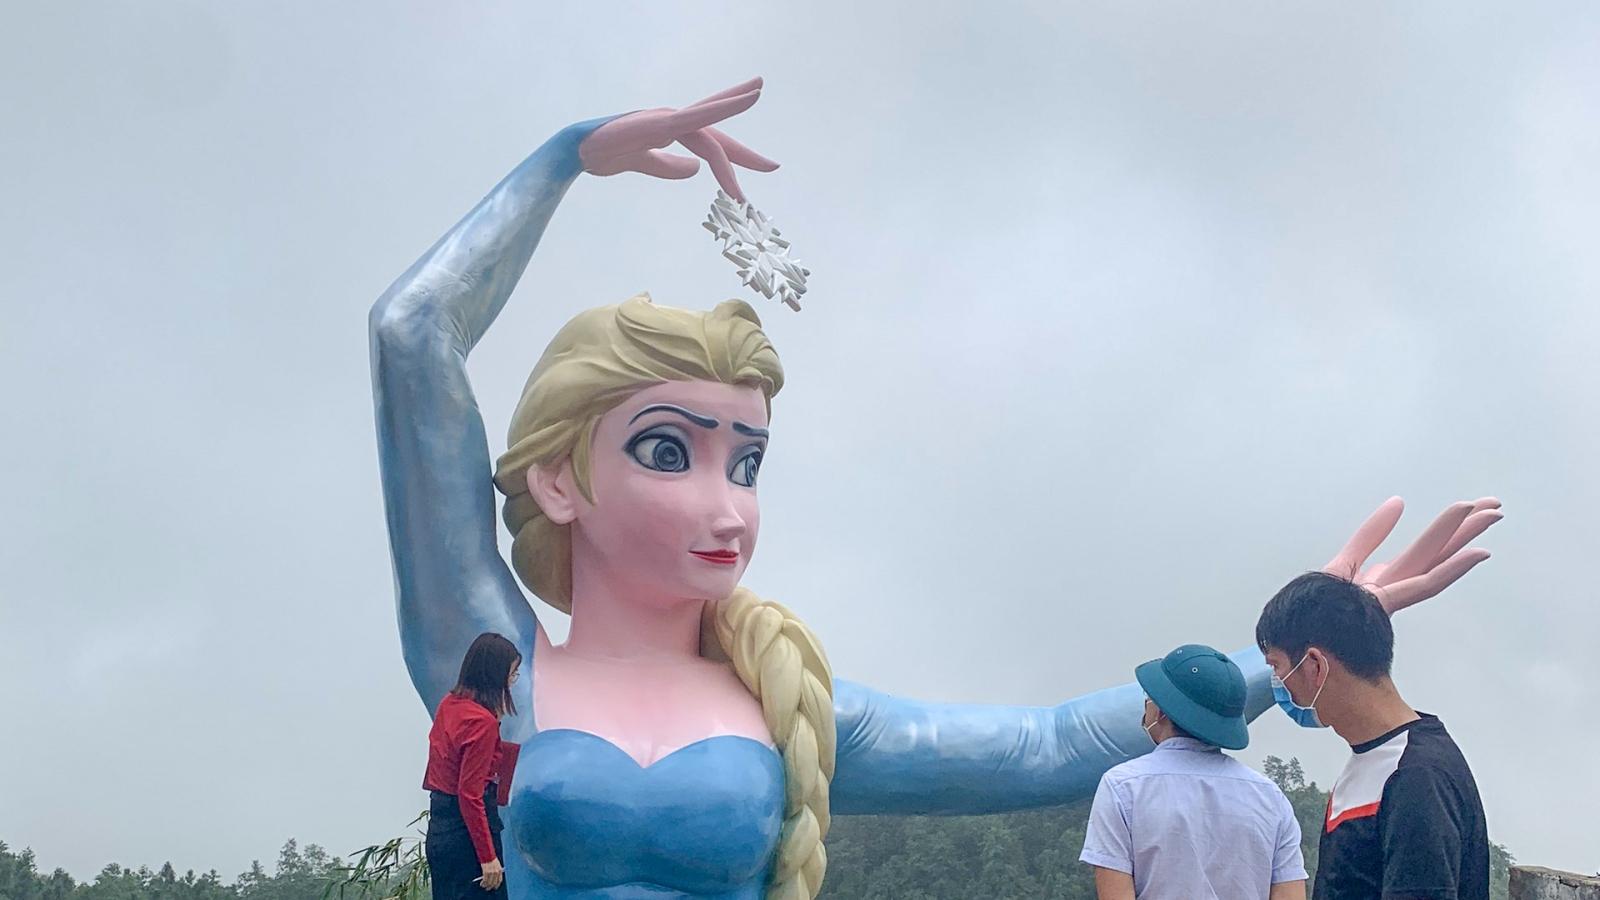 Sa Pa yêu cầu dừng thi công, tháo dỡ tượng Elsa trước ngày 21/7